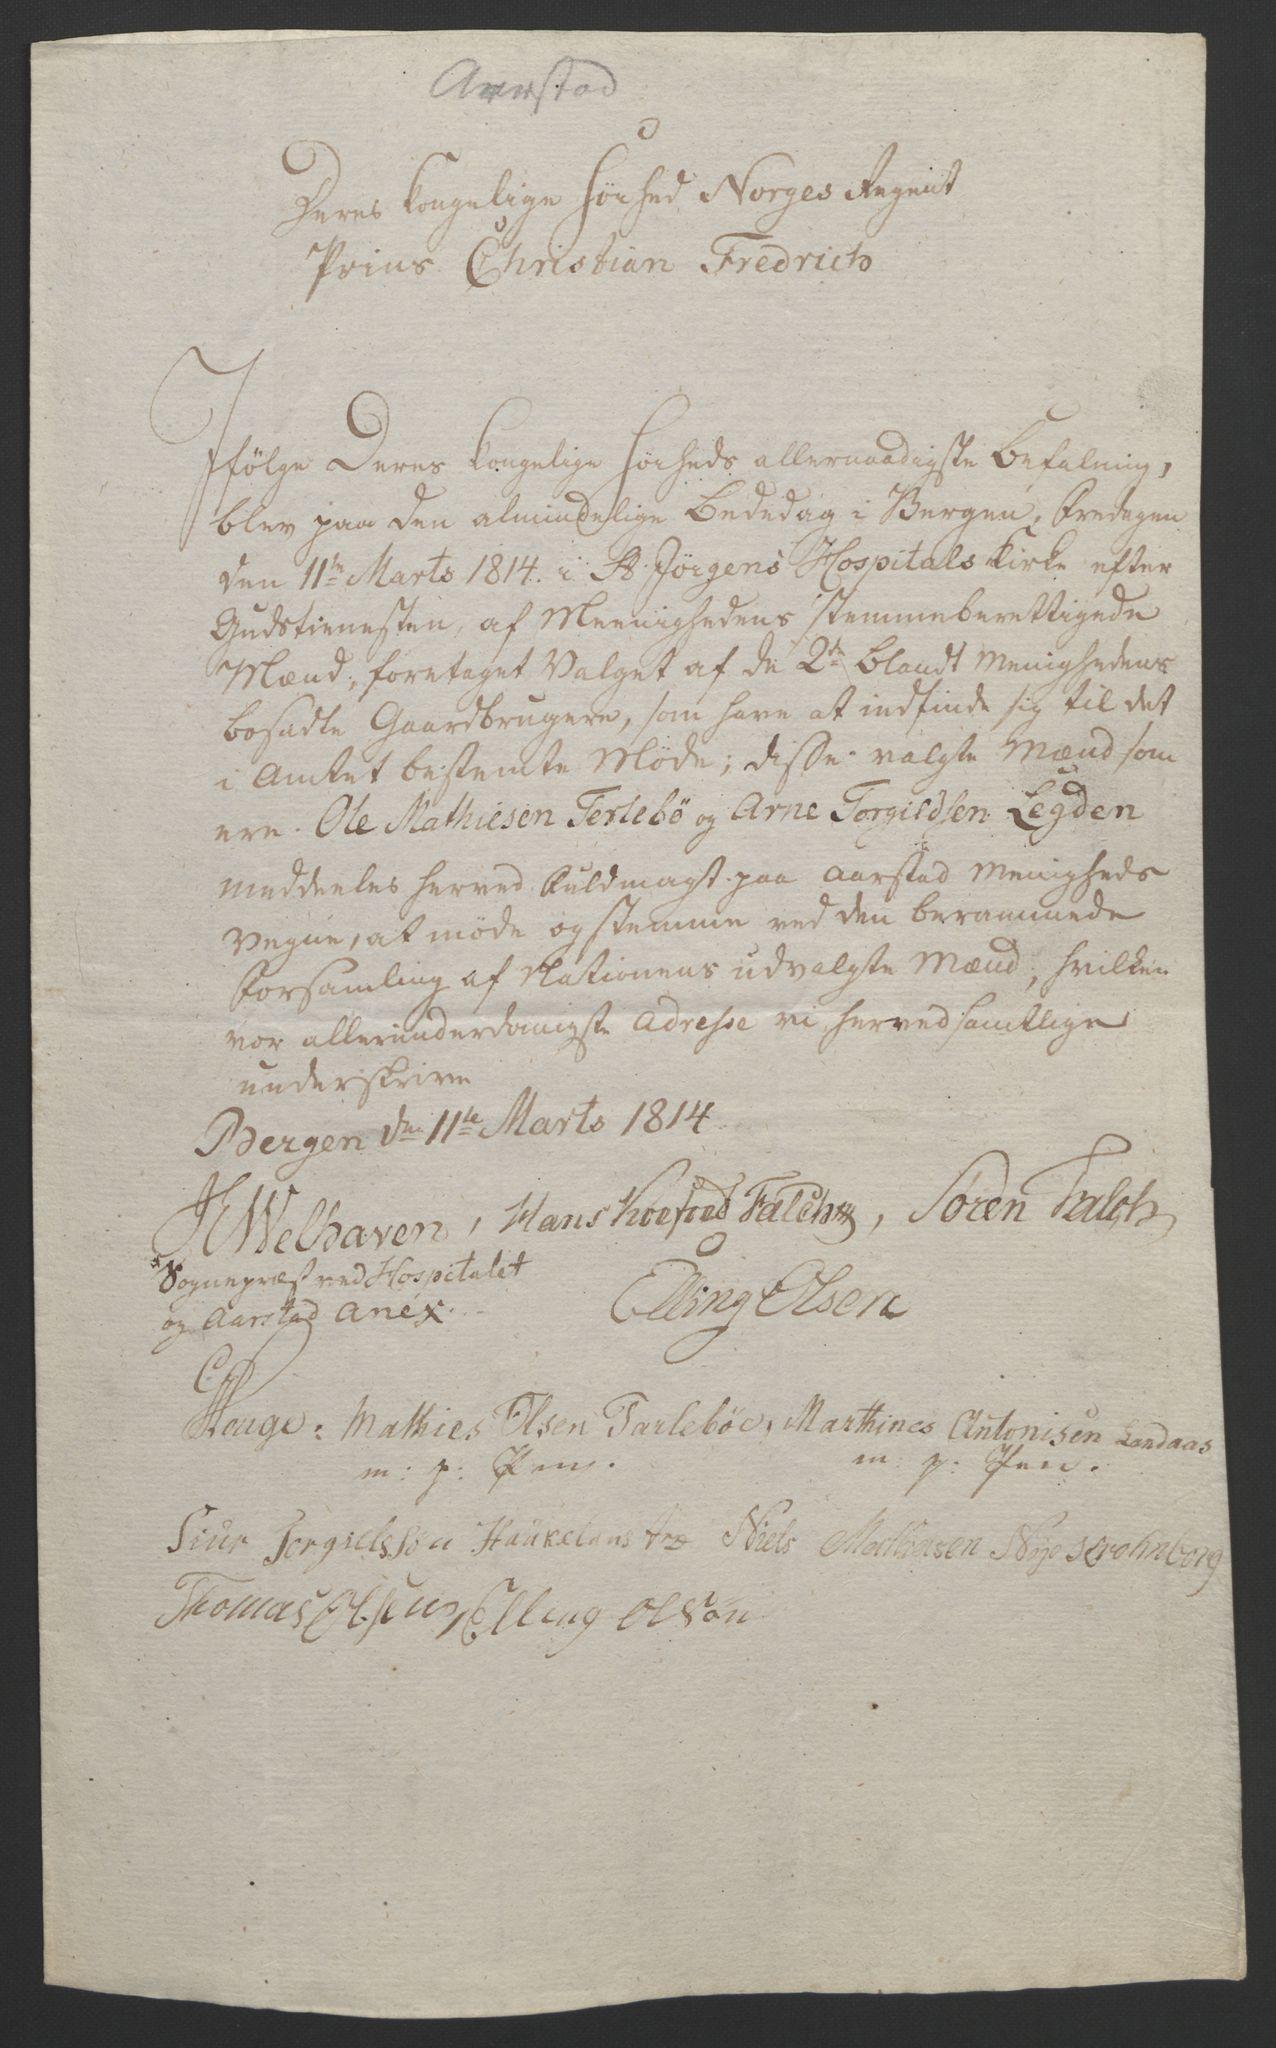 RA, Statsrådssekretariatet, D/Db/L0008: Fullmakter for Eidsvollsrepresentantene i 1814. , 1814, s. 265